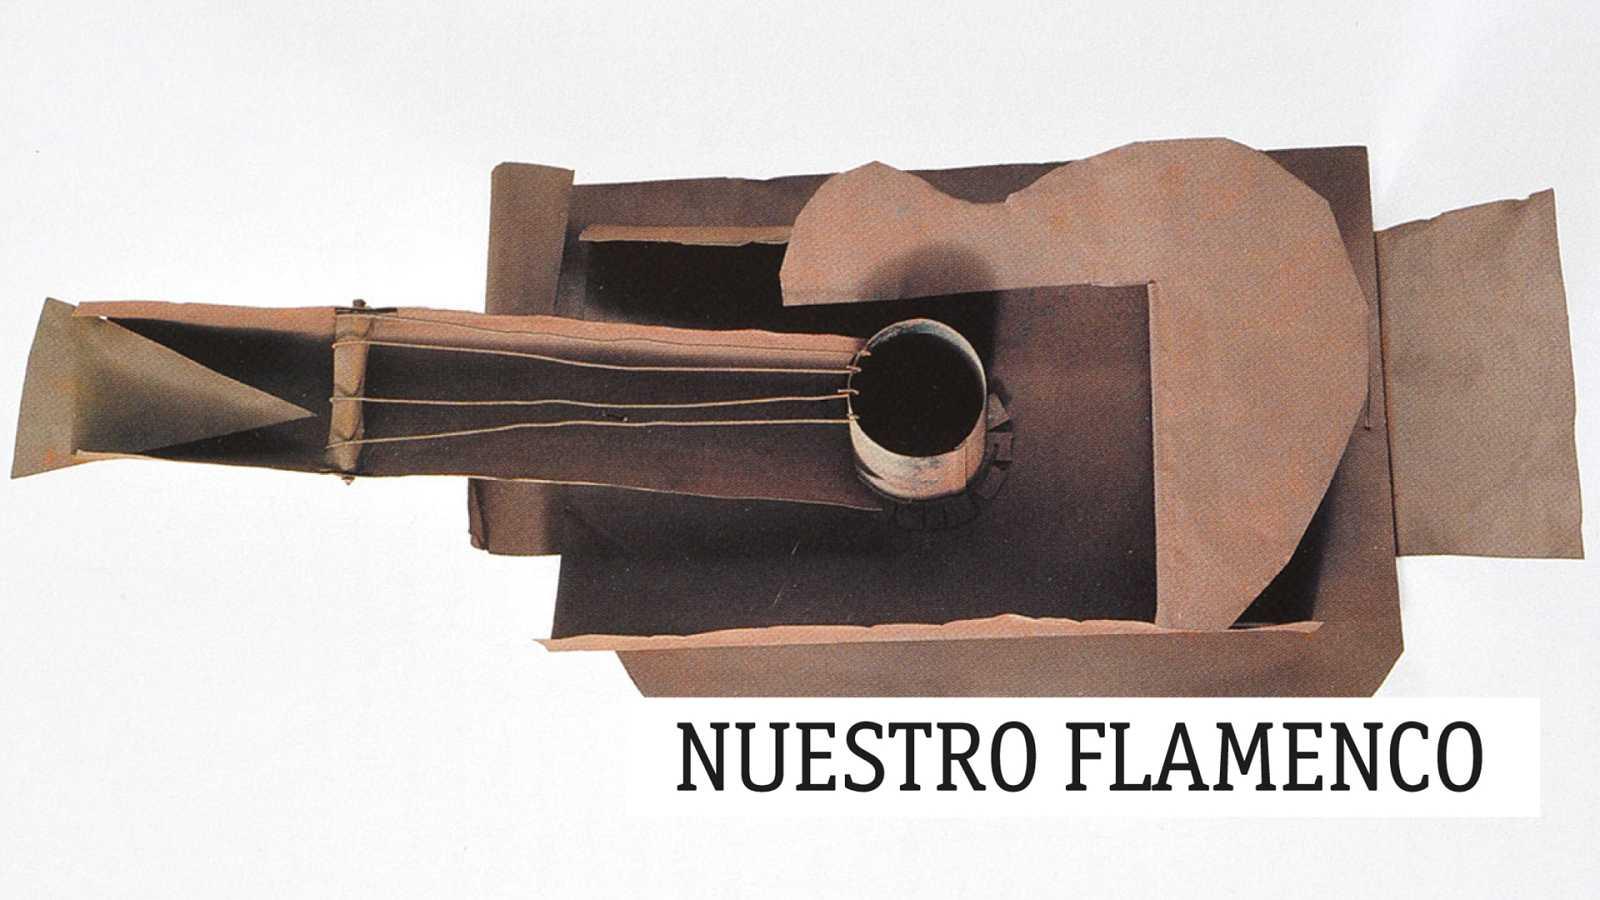 Nuestro flamenco - Carmen Linares y el cante de la mujer - 16/03/21 - escuchar ahora